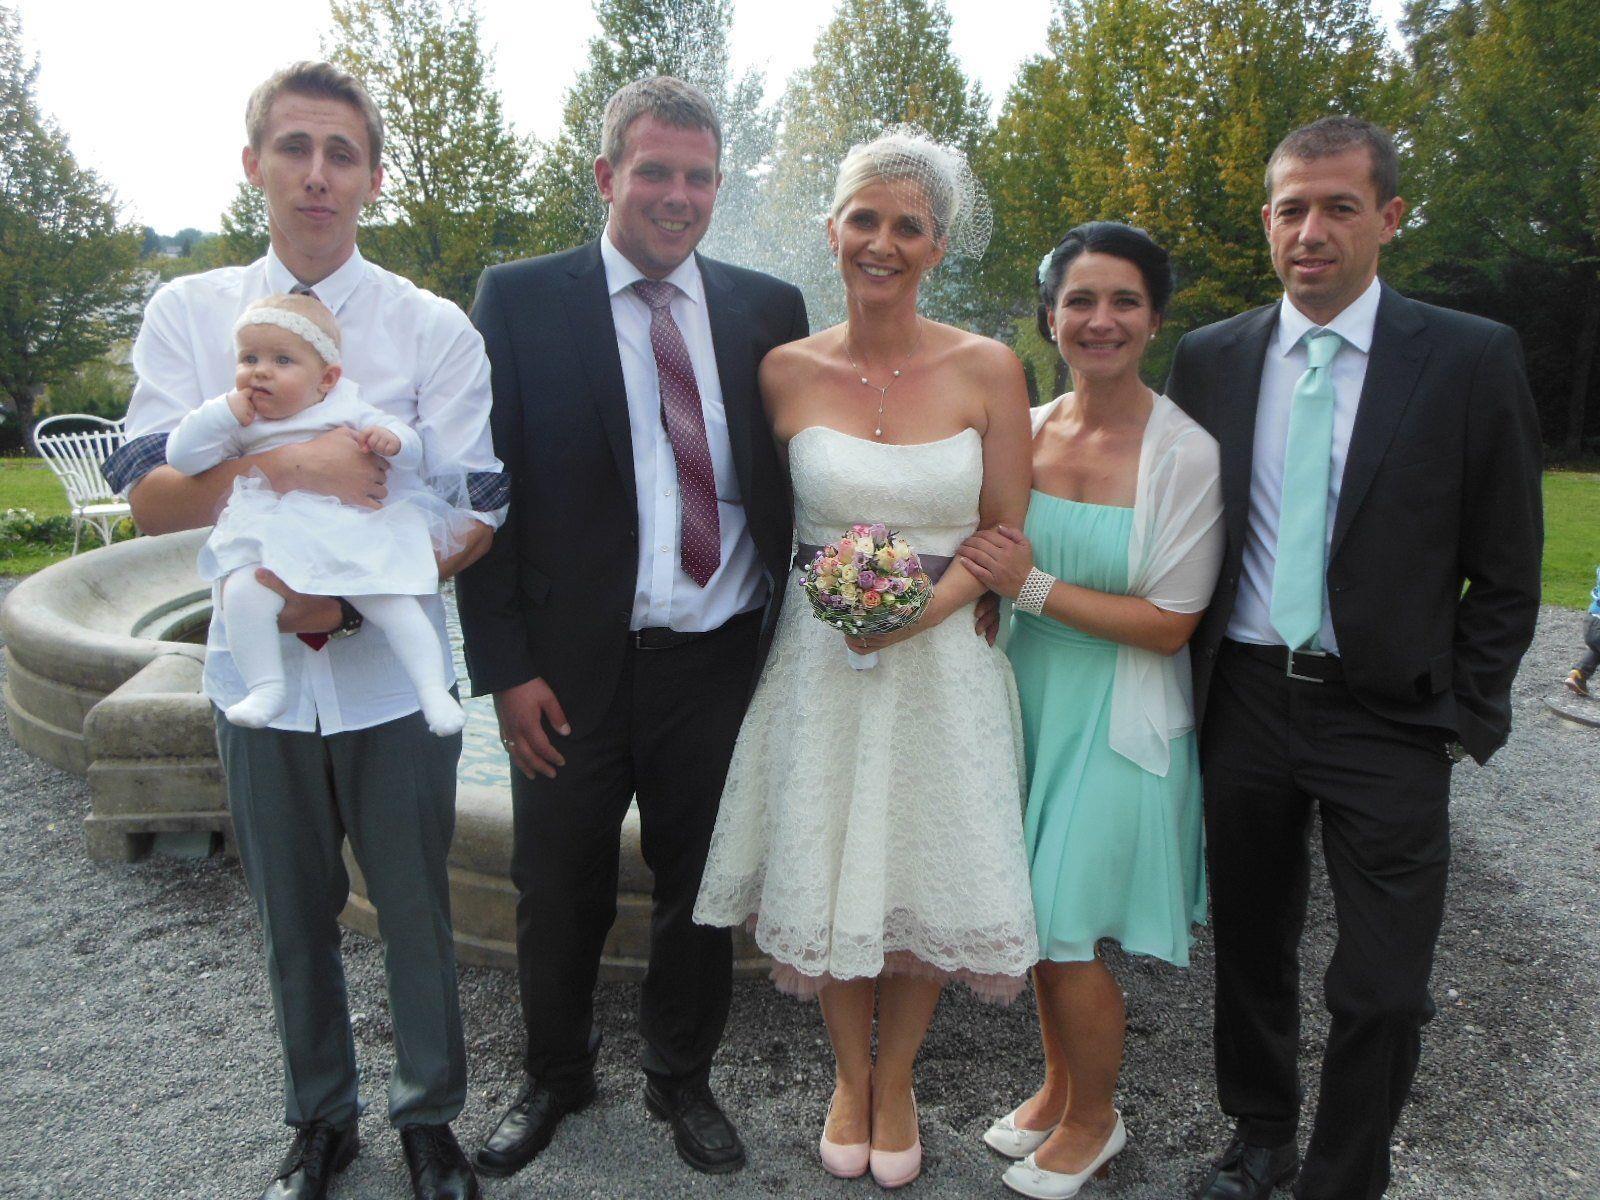 Das glückliche Paar mit den Kindern Marco und Luisa sowie den Trauzeugen.